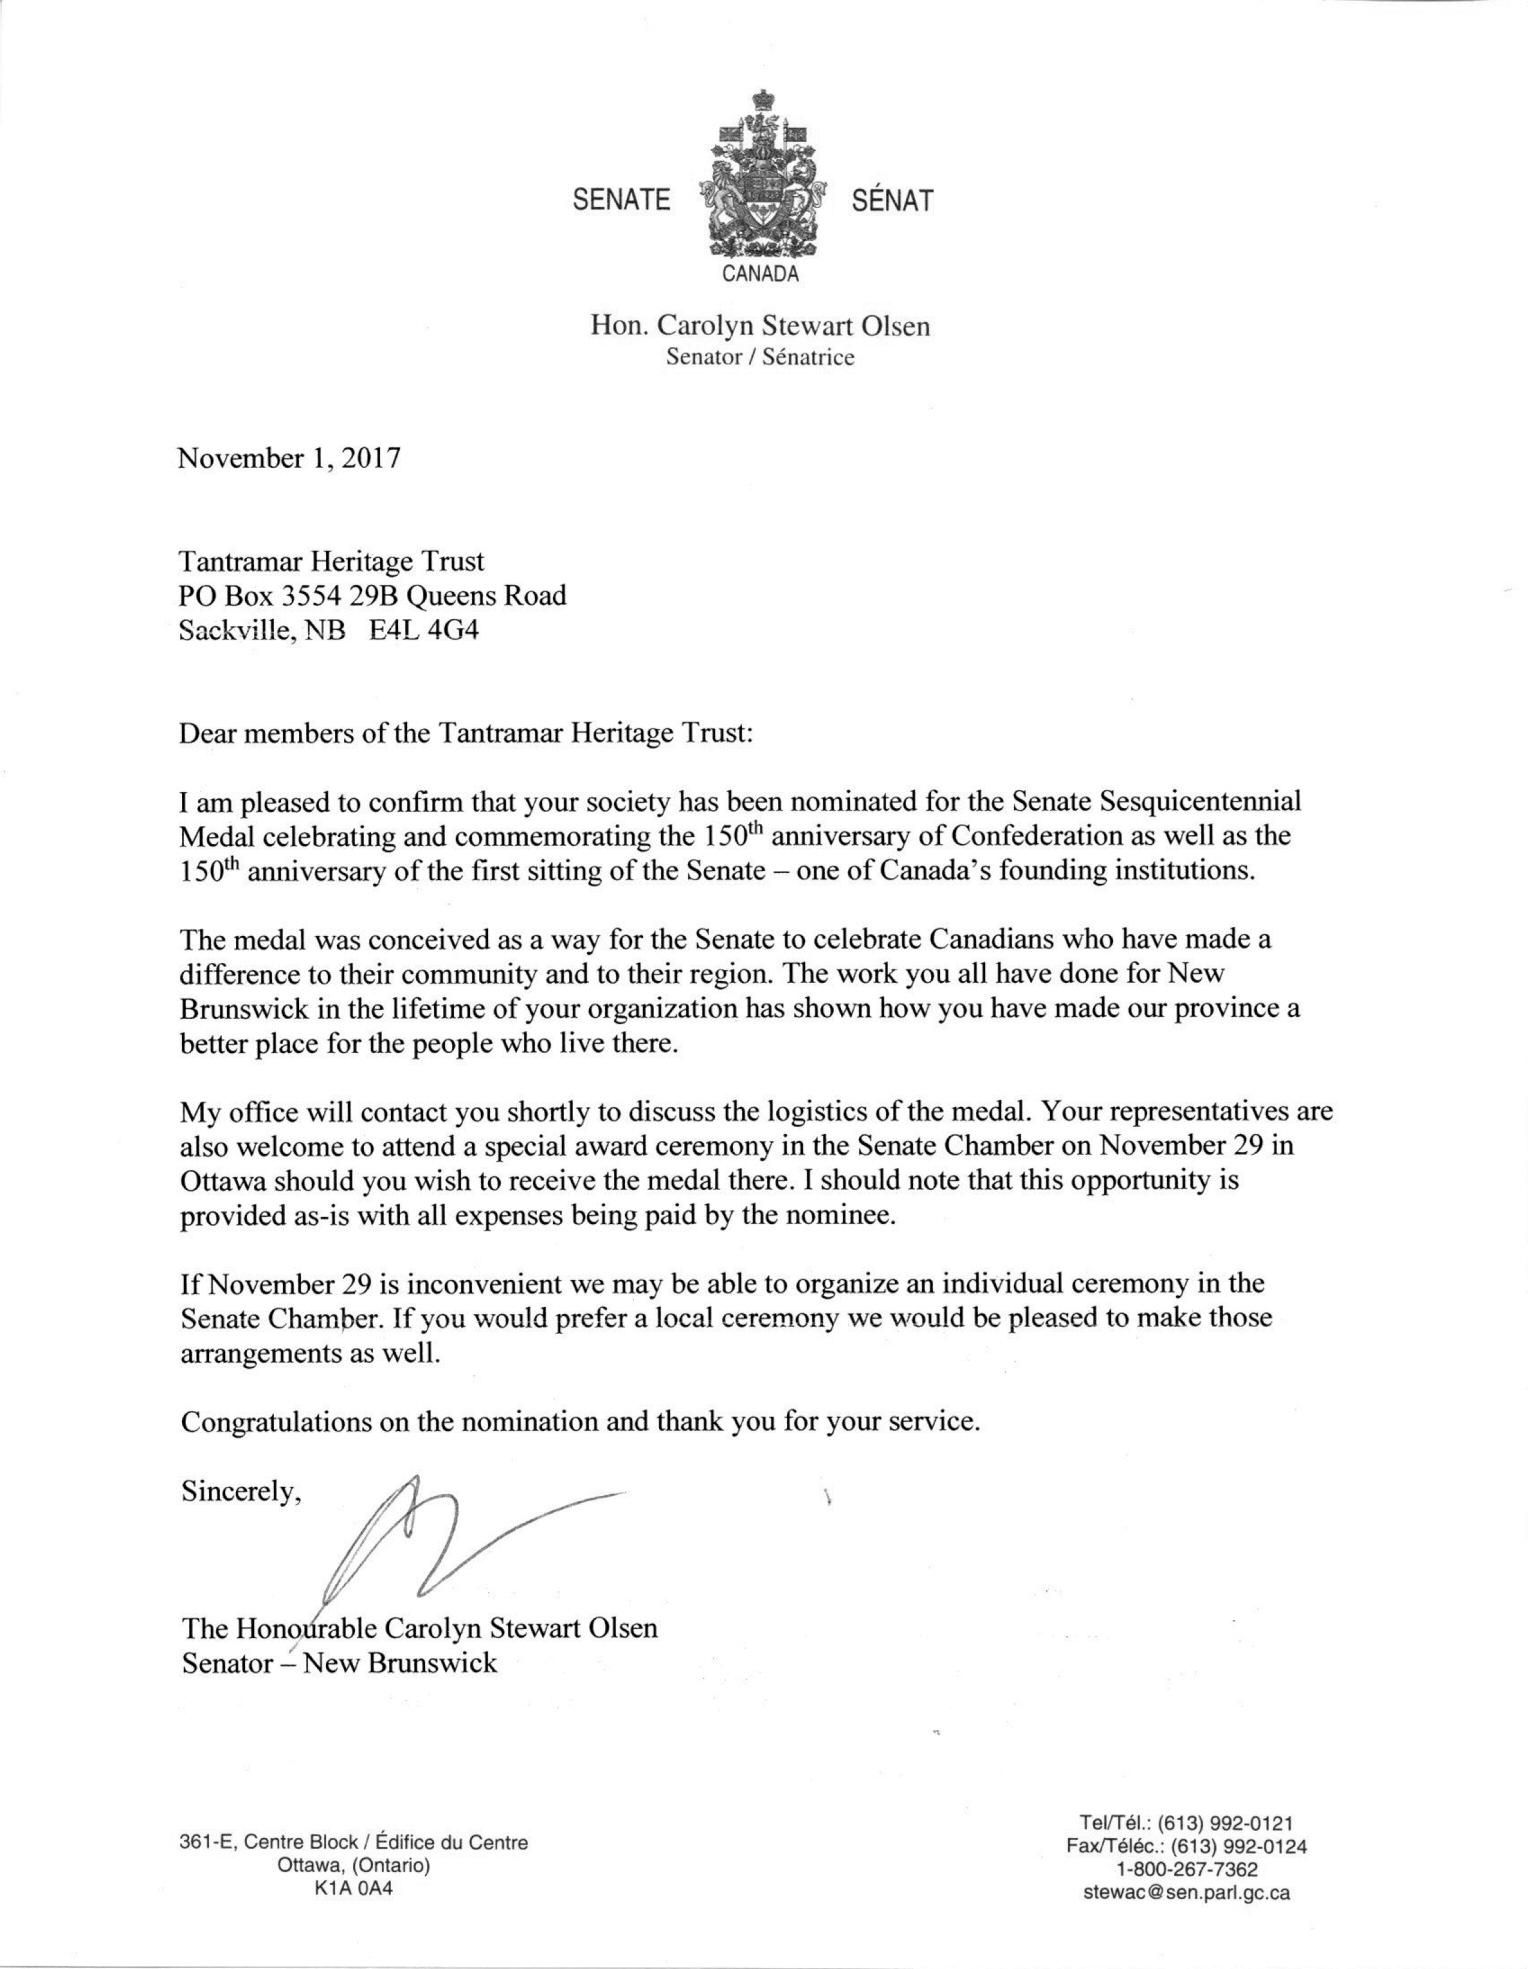 Letter from Senator Olsen to Tantramar Heritage Trust